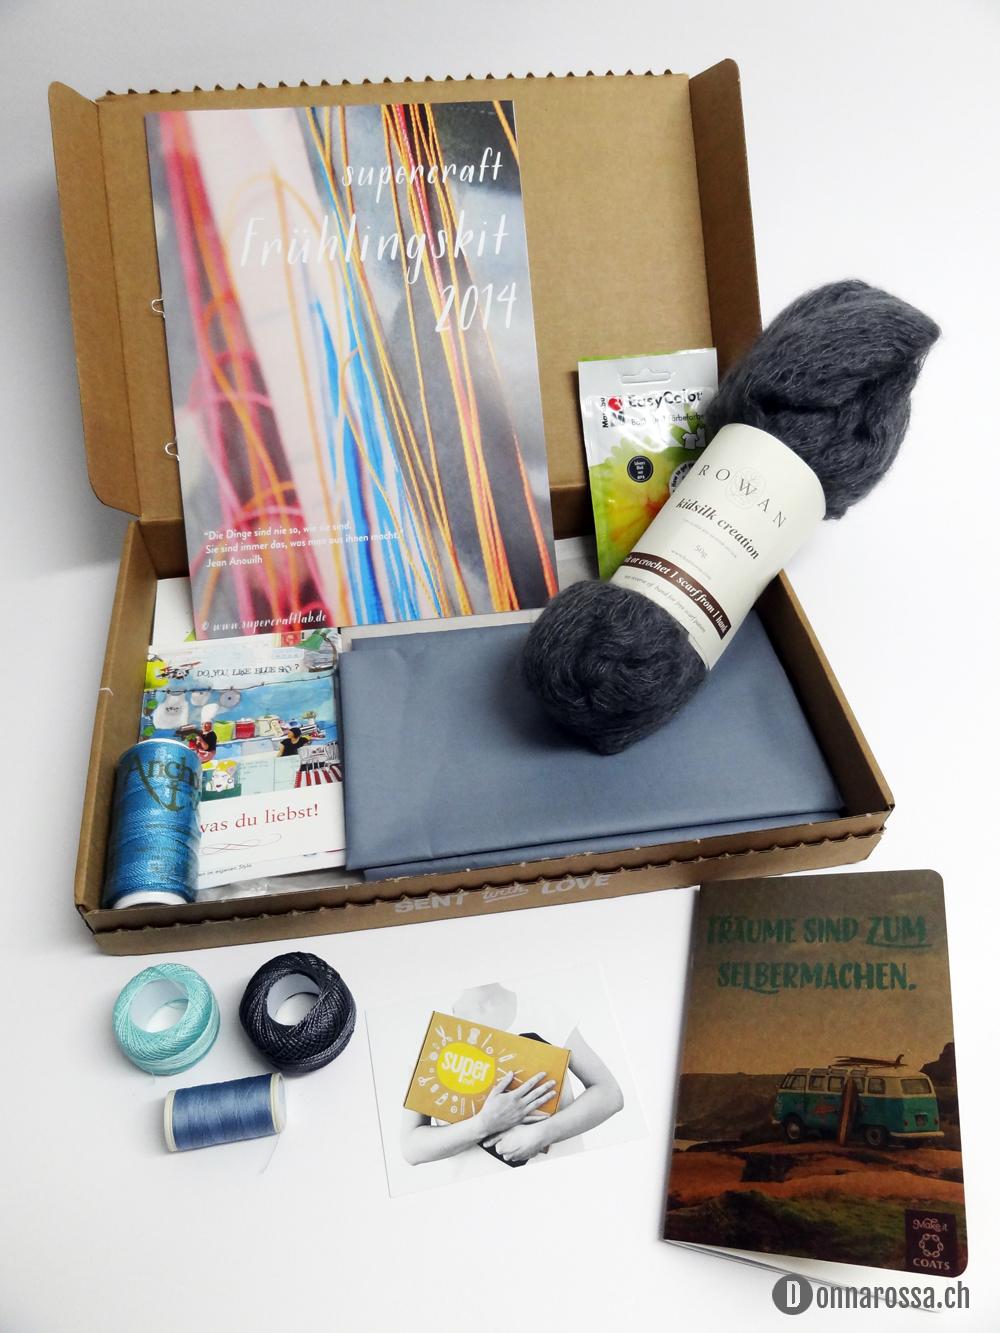 supercraft spring kit 2014